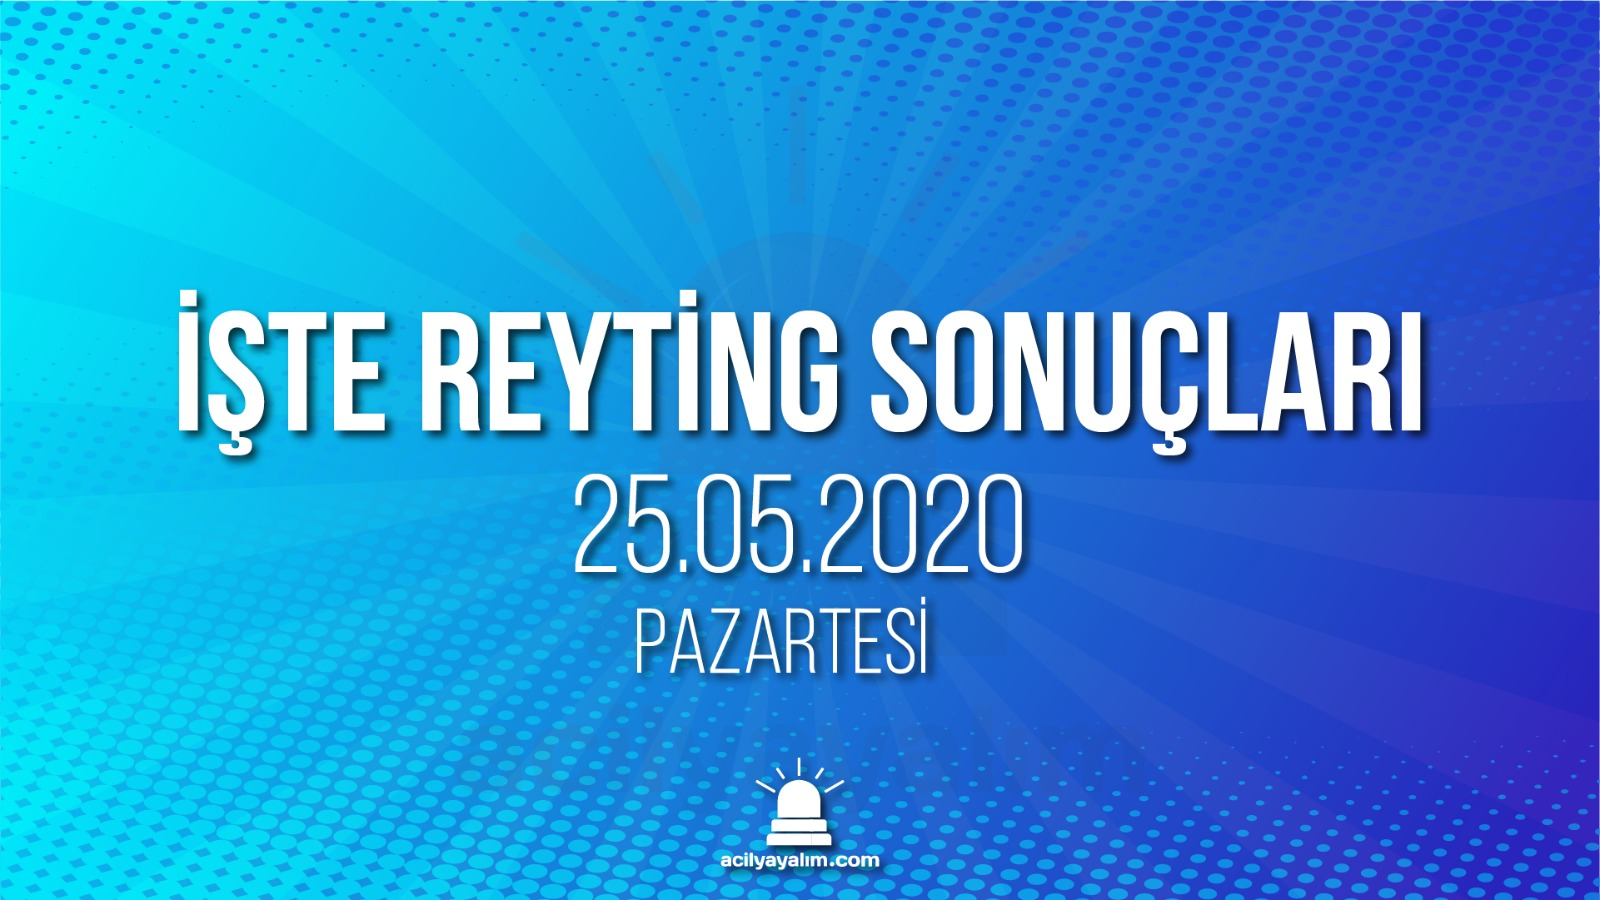 25 Mayıs 2020 Pazartesi reyting sonuçları